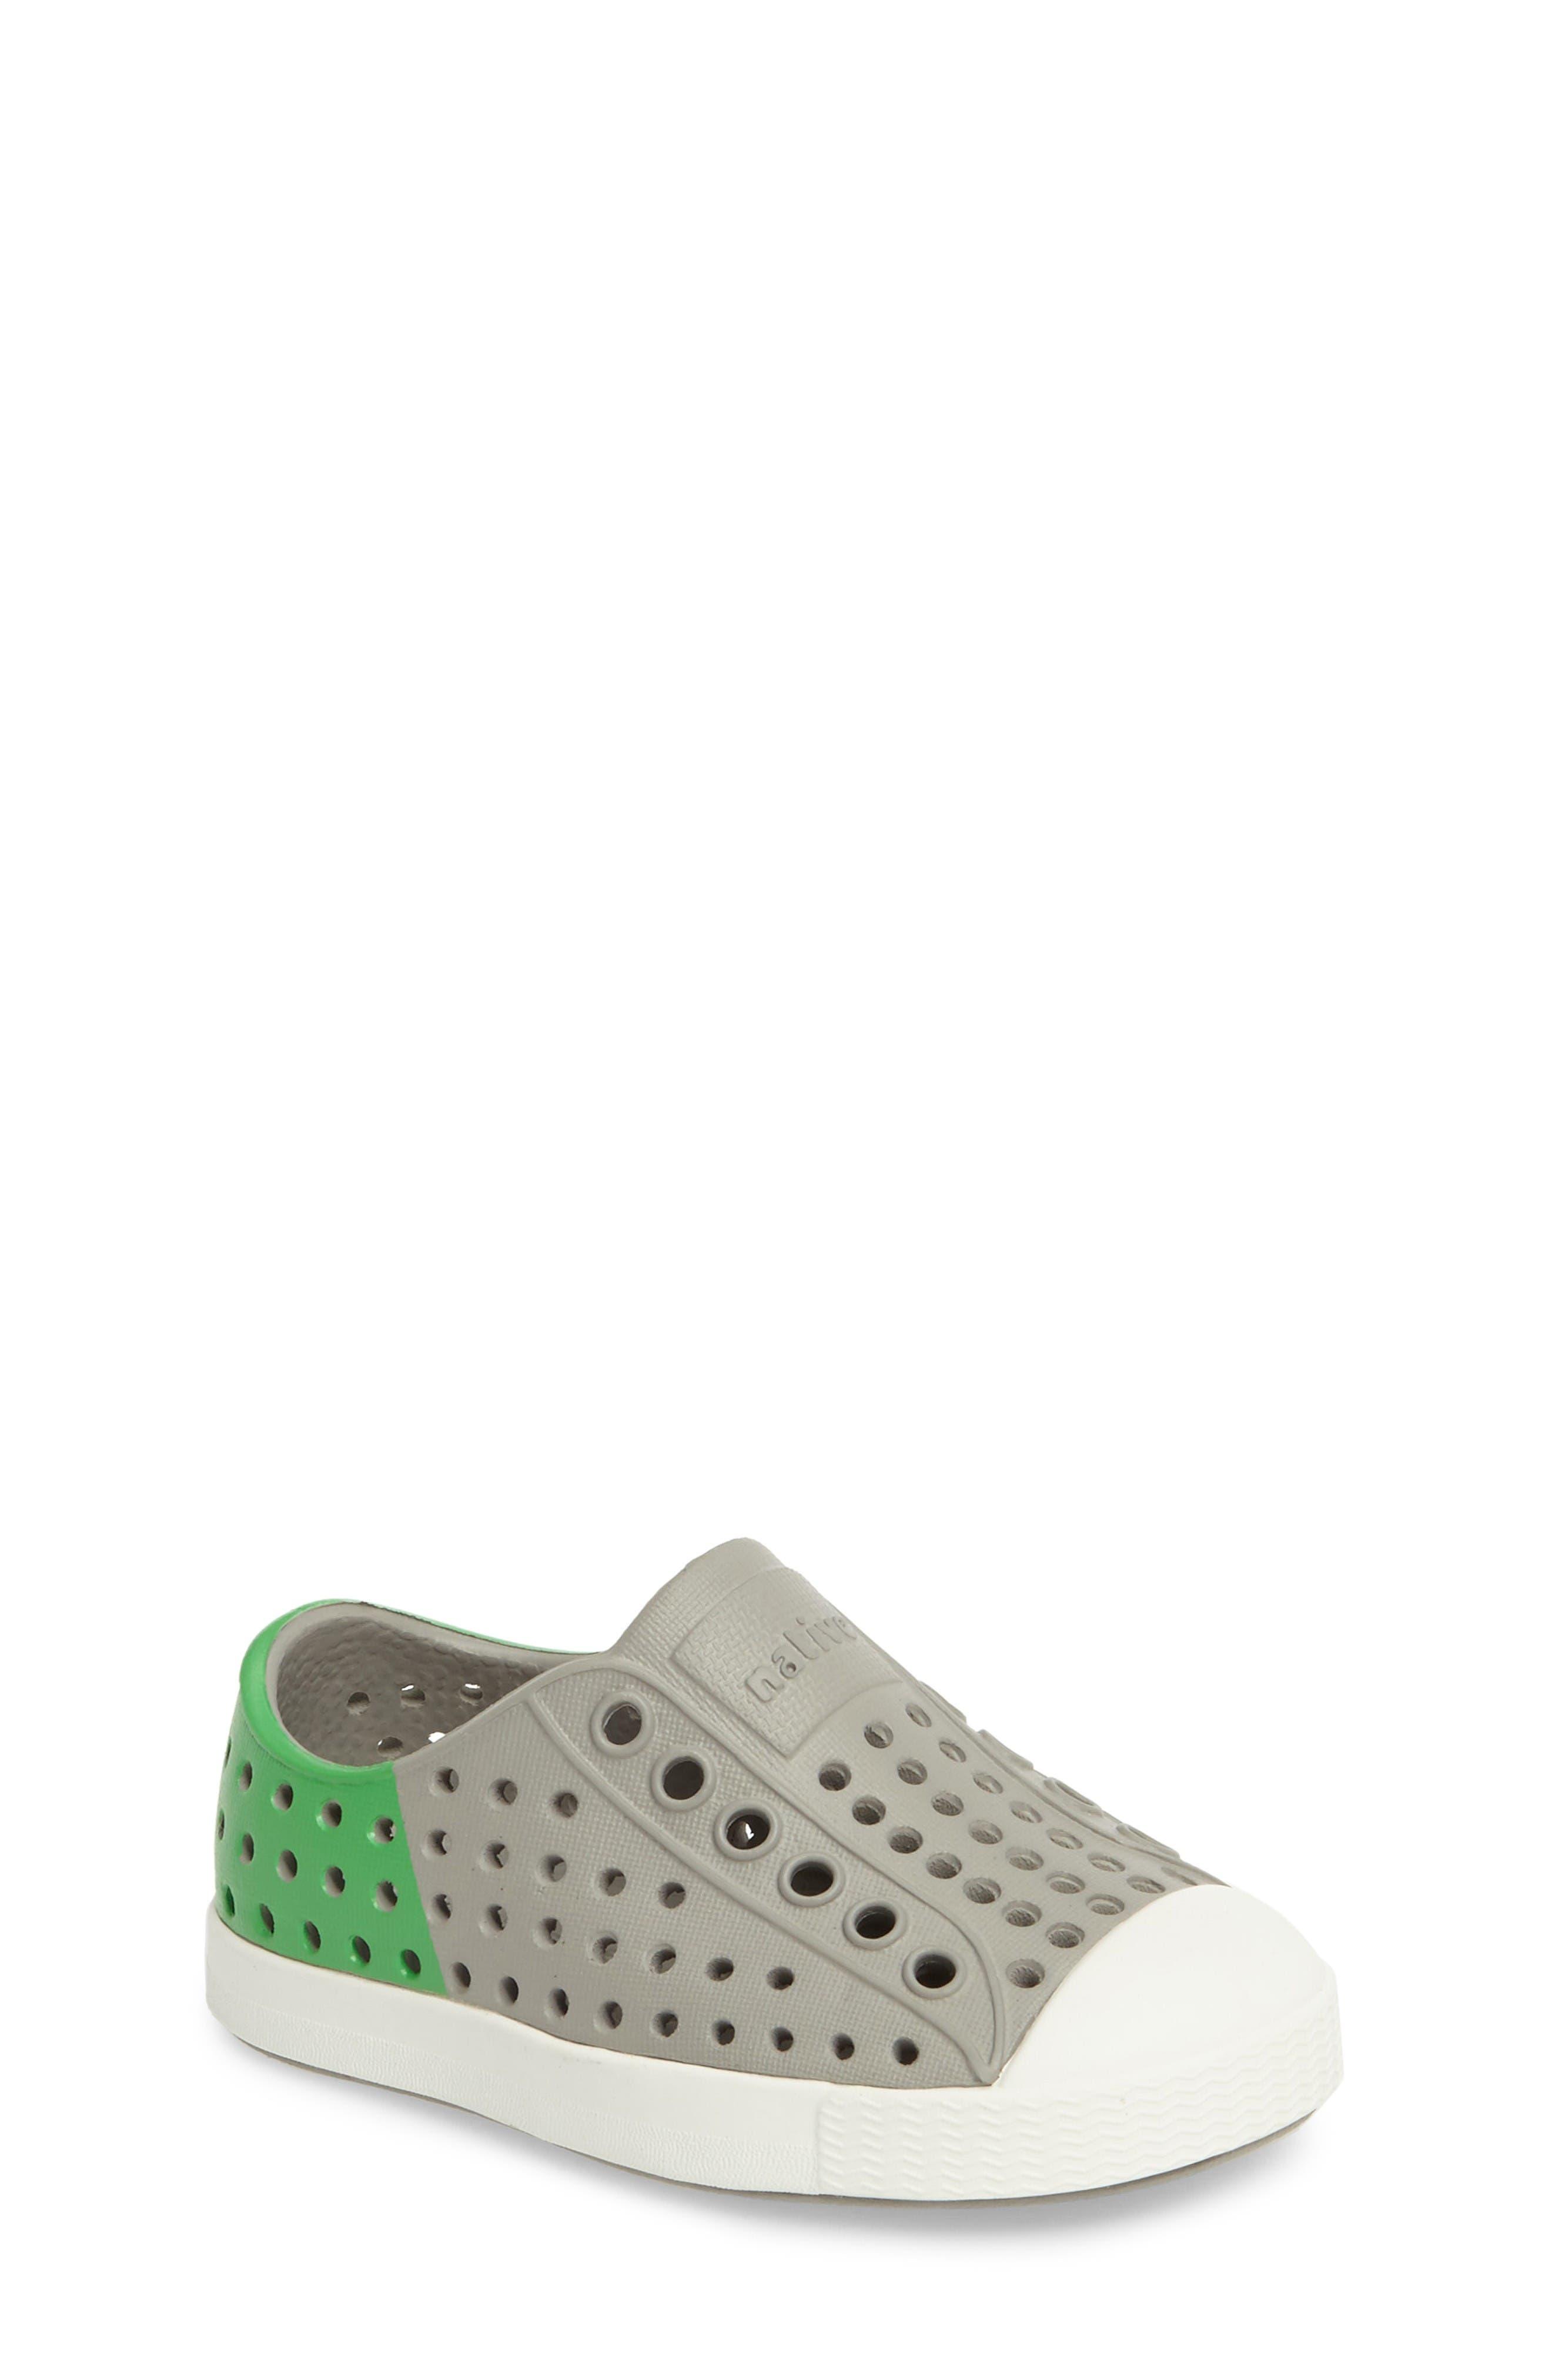 NATIVE SHOES Jefferson Slip-On Sneaker